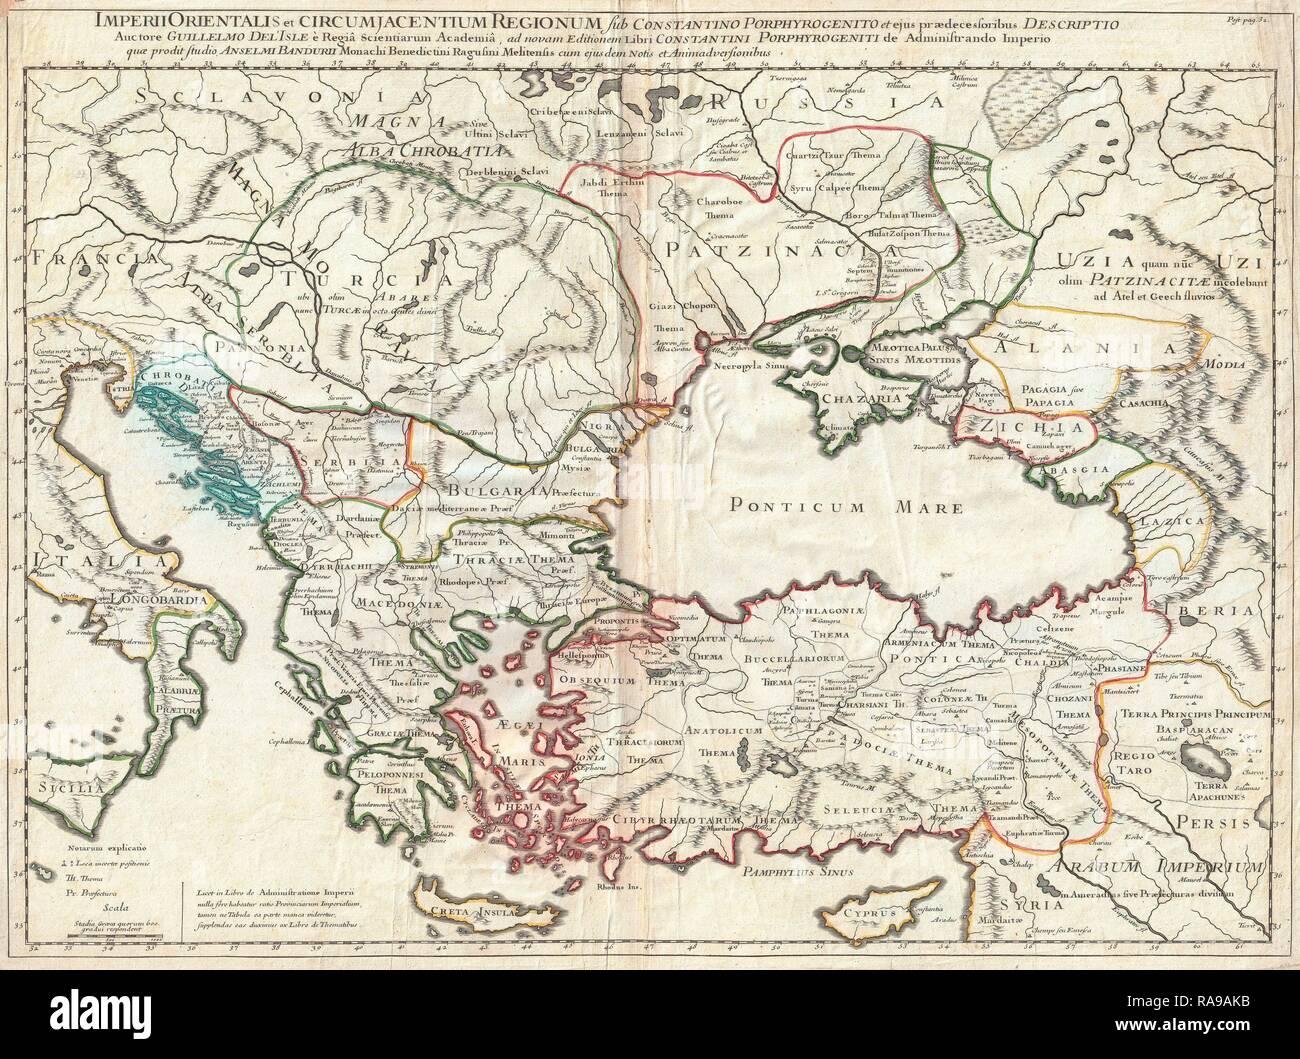 1715, De L'Isle Carte de l'Empire romain sous Constantin, l'Asie mineure, de la mer Noire, les Balkans. Repensé Photo Stock